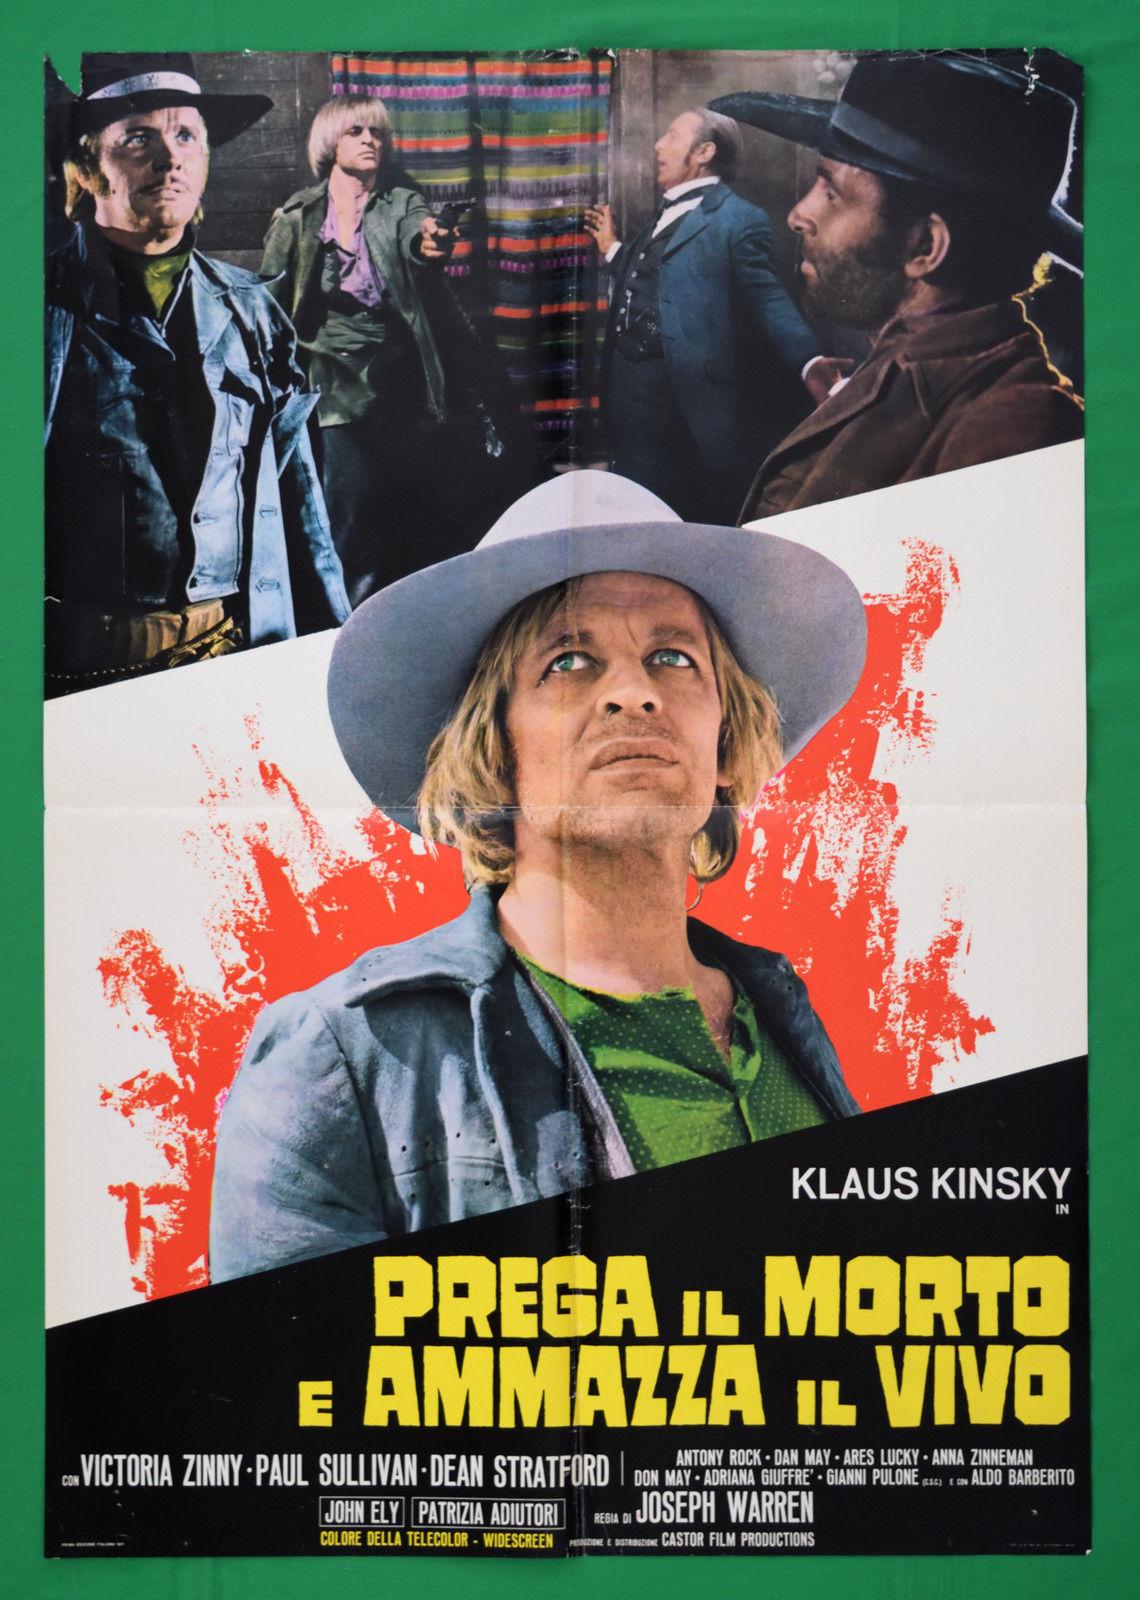 Klaus Kinski in Prega il morto e ammazza il vivo (1971)